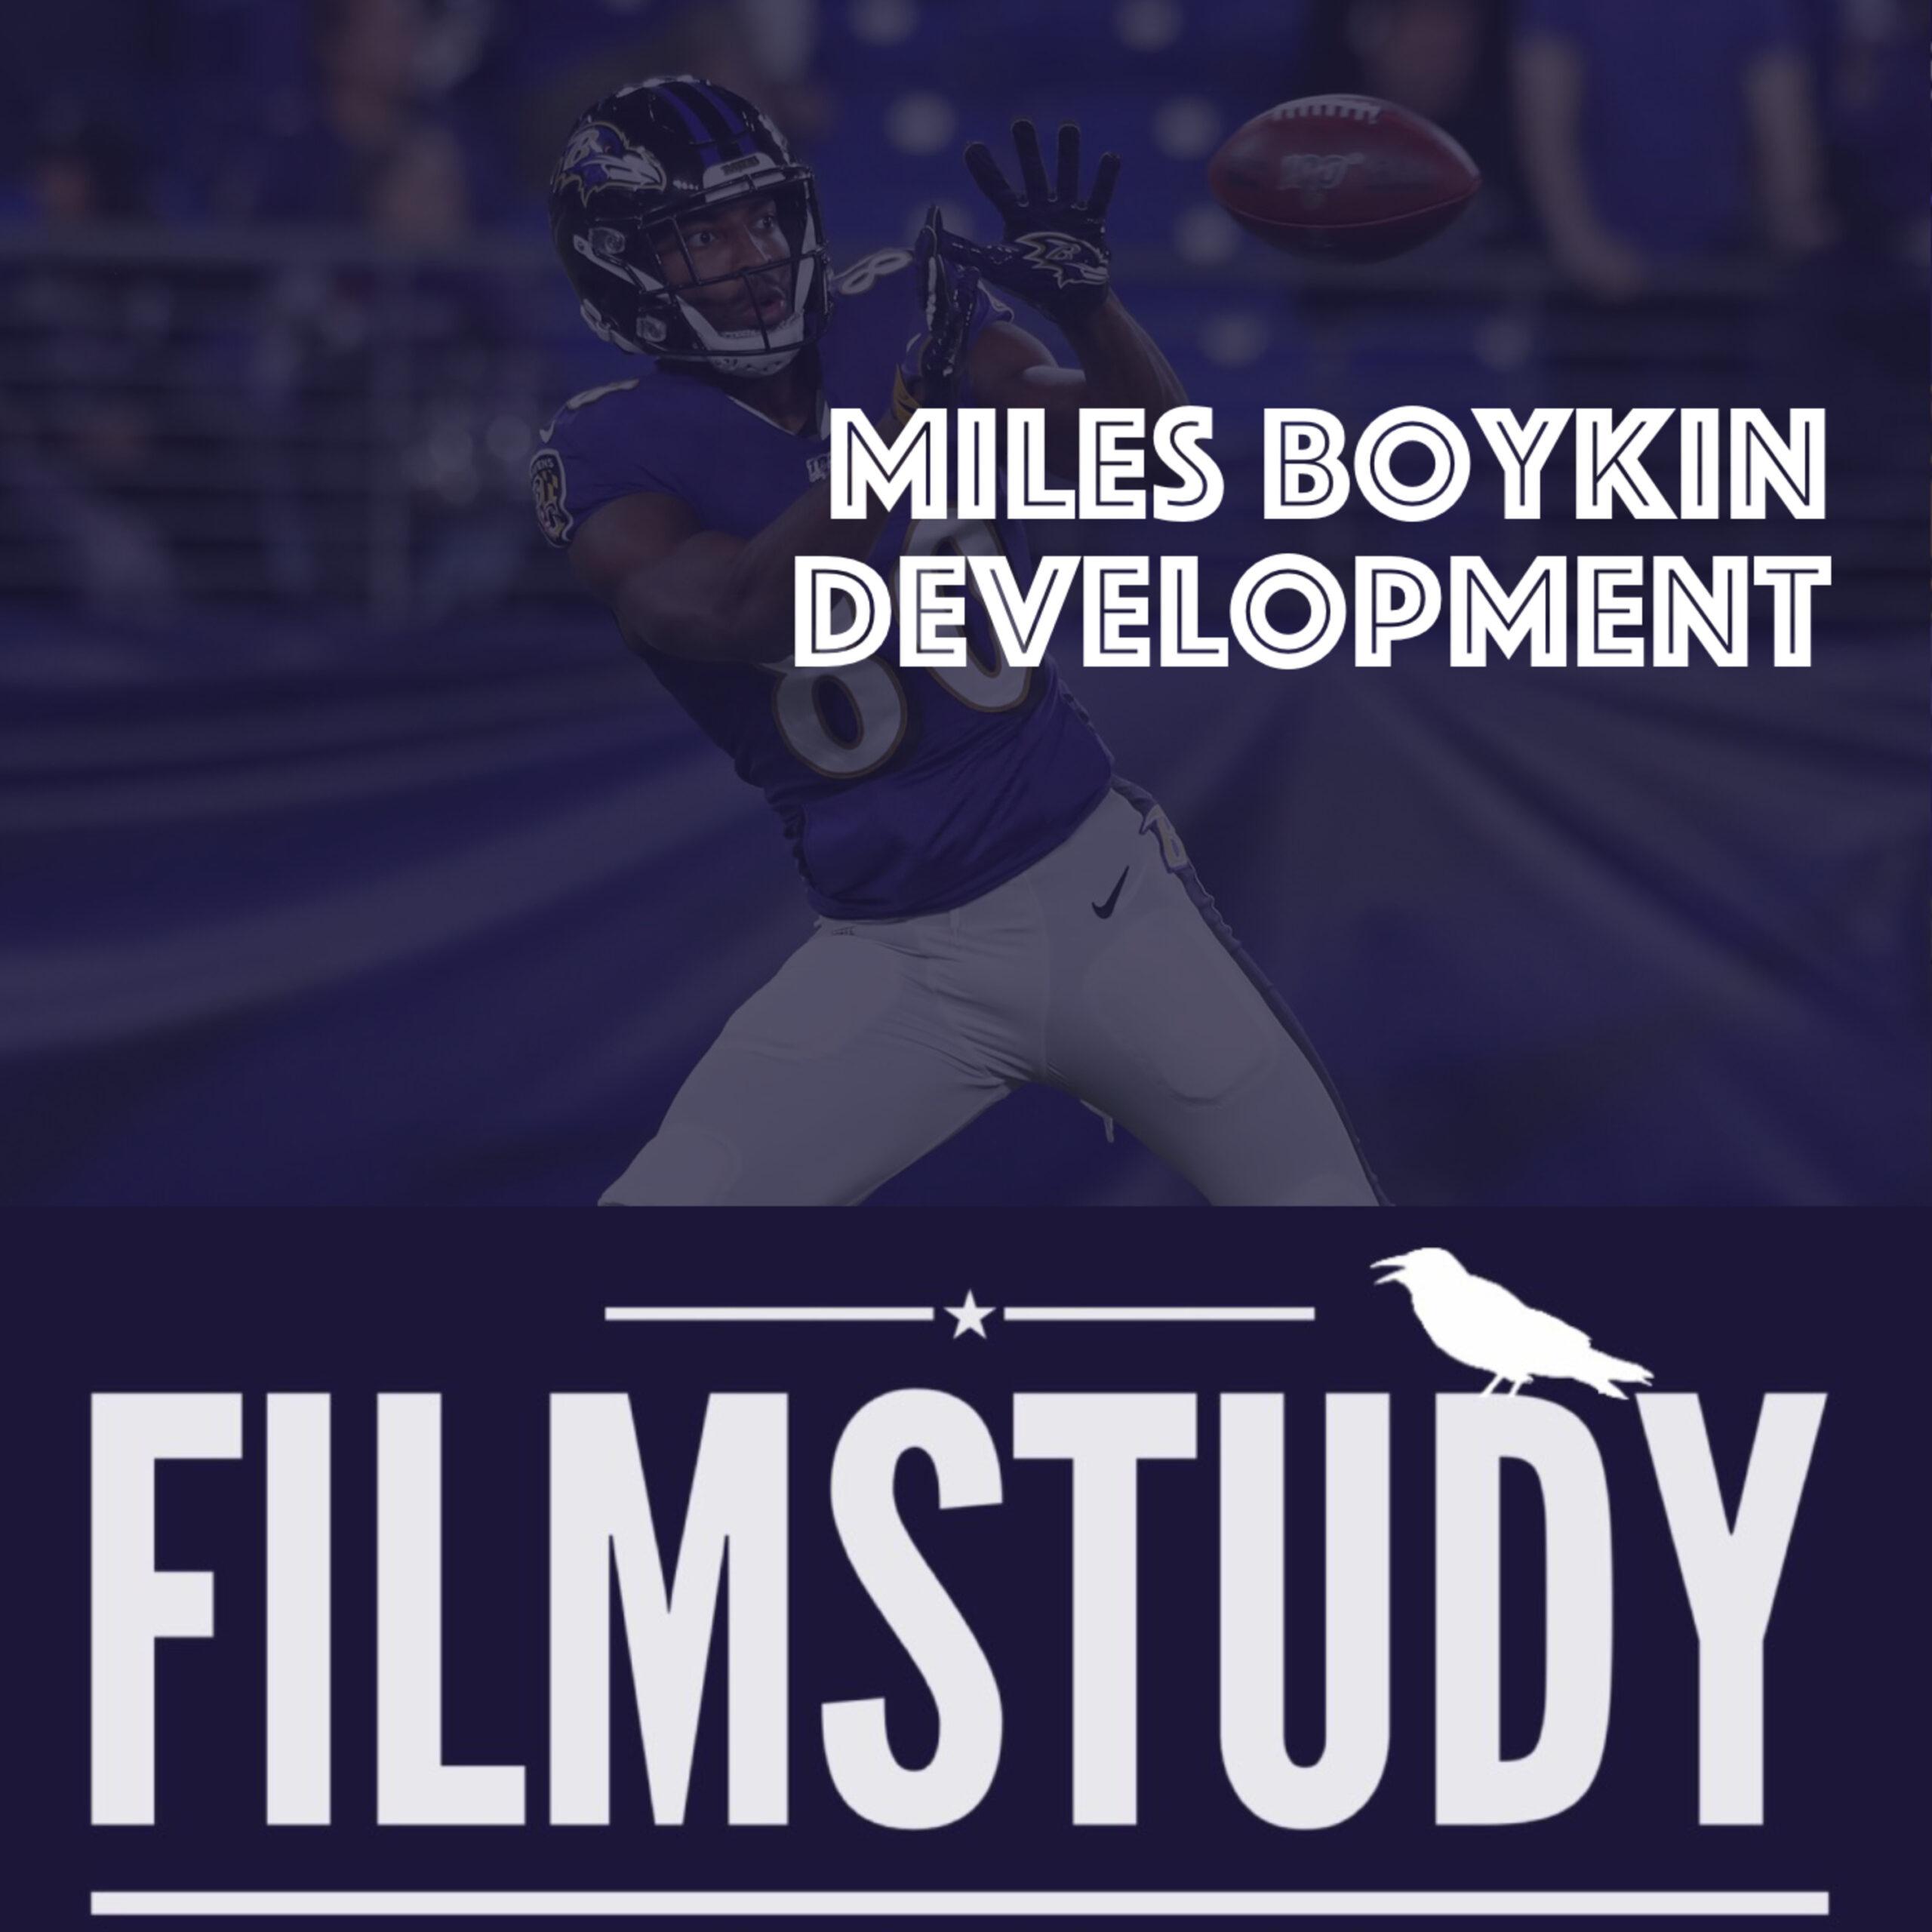 Miles Boykin Development